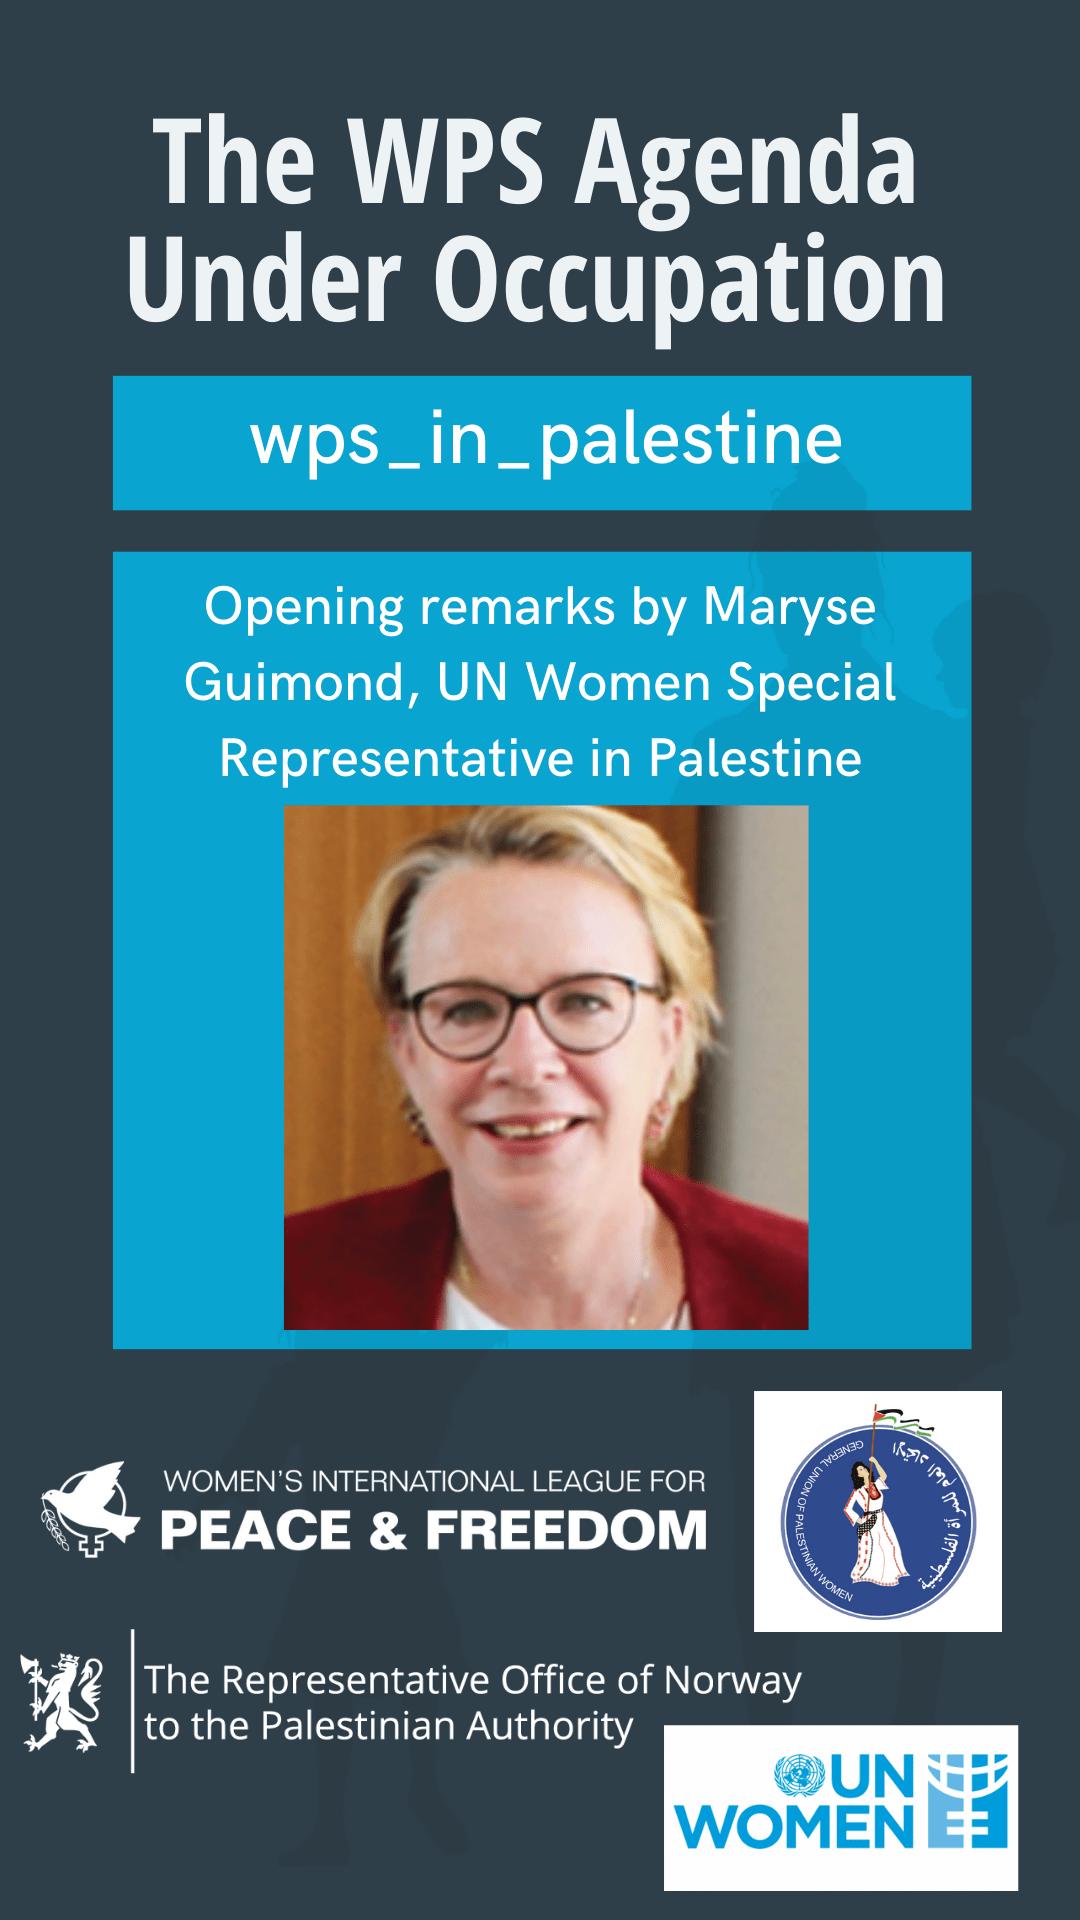 Maryse Guimond, UN Women Special Representative in Palestine